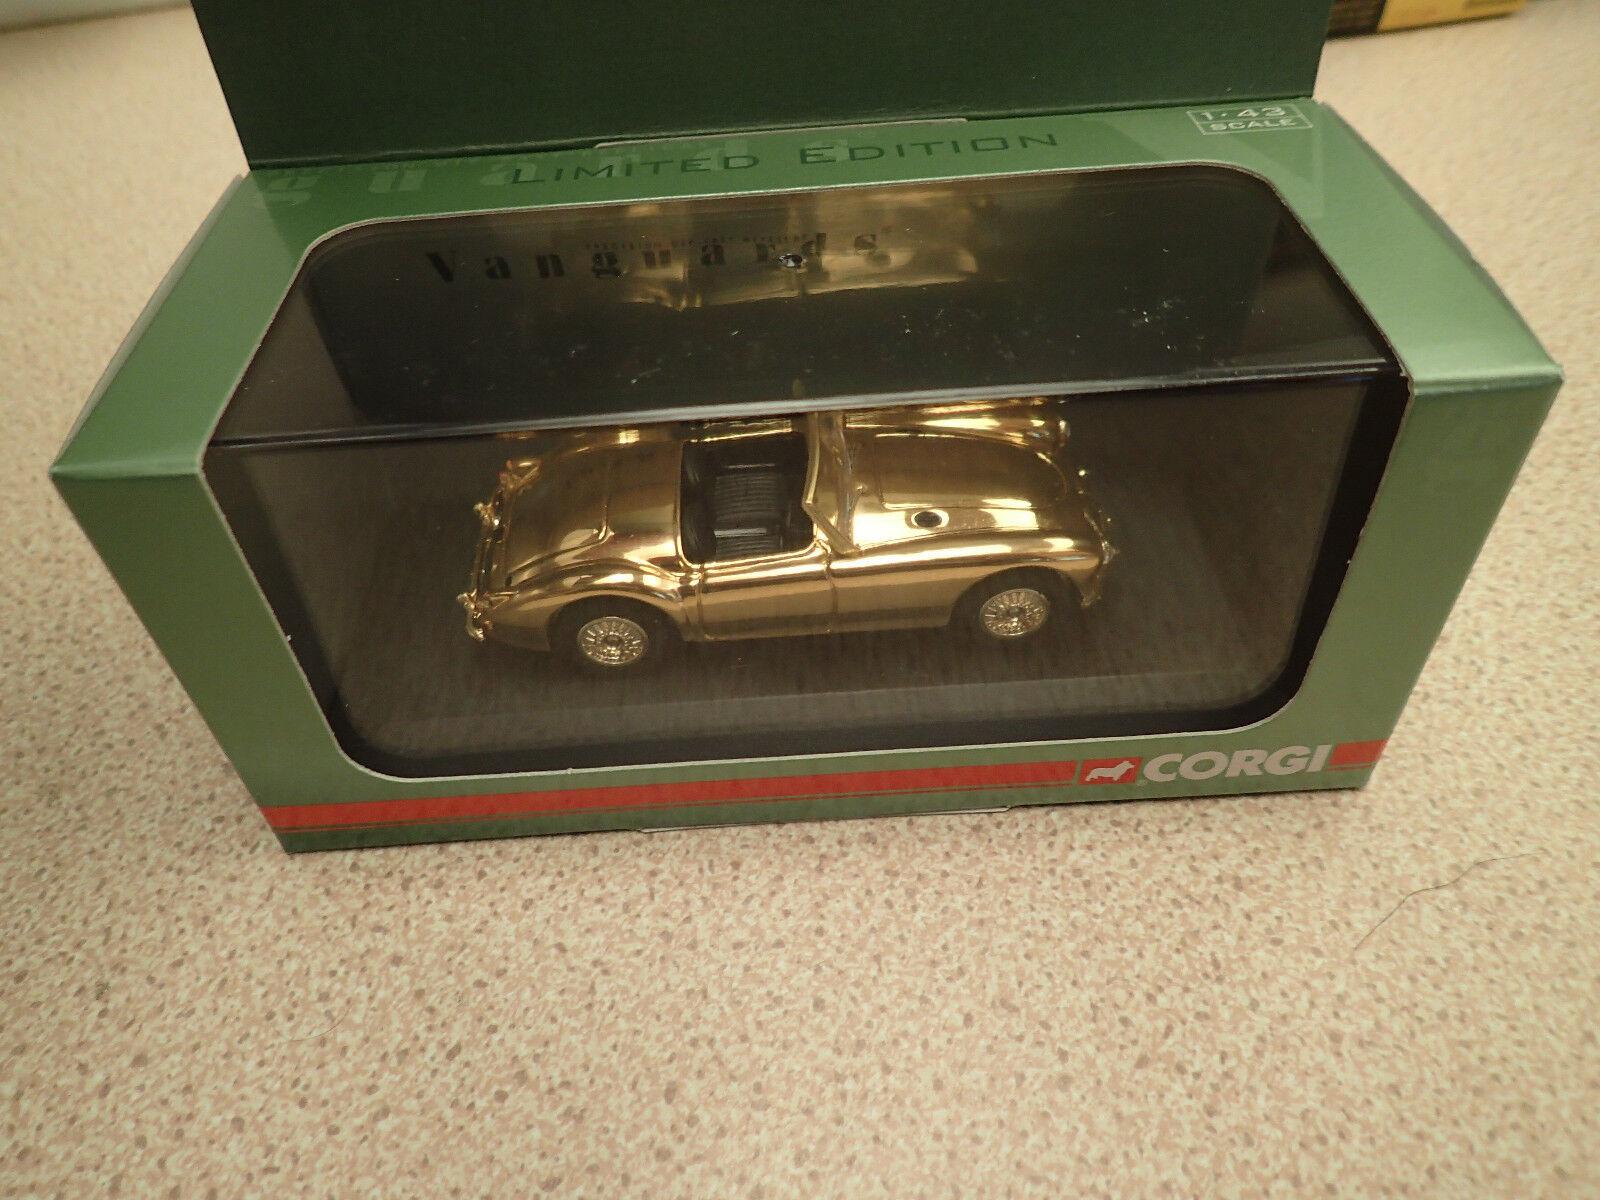 Ltd Edn Vanguards 1 43 VA05007 MGA Open Top 50th Anniversary Untouched